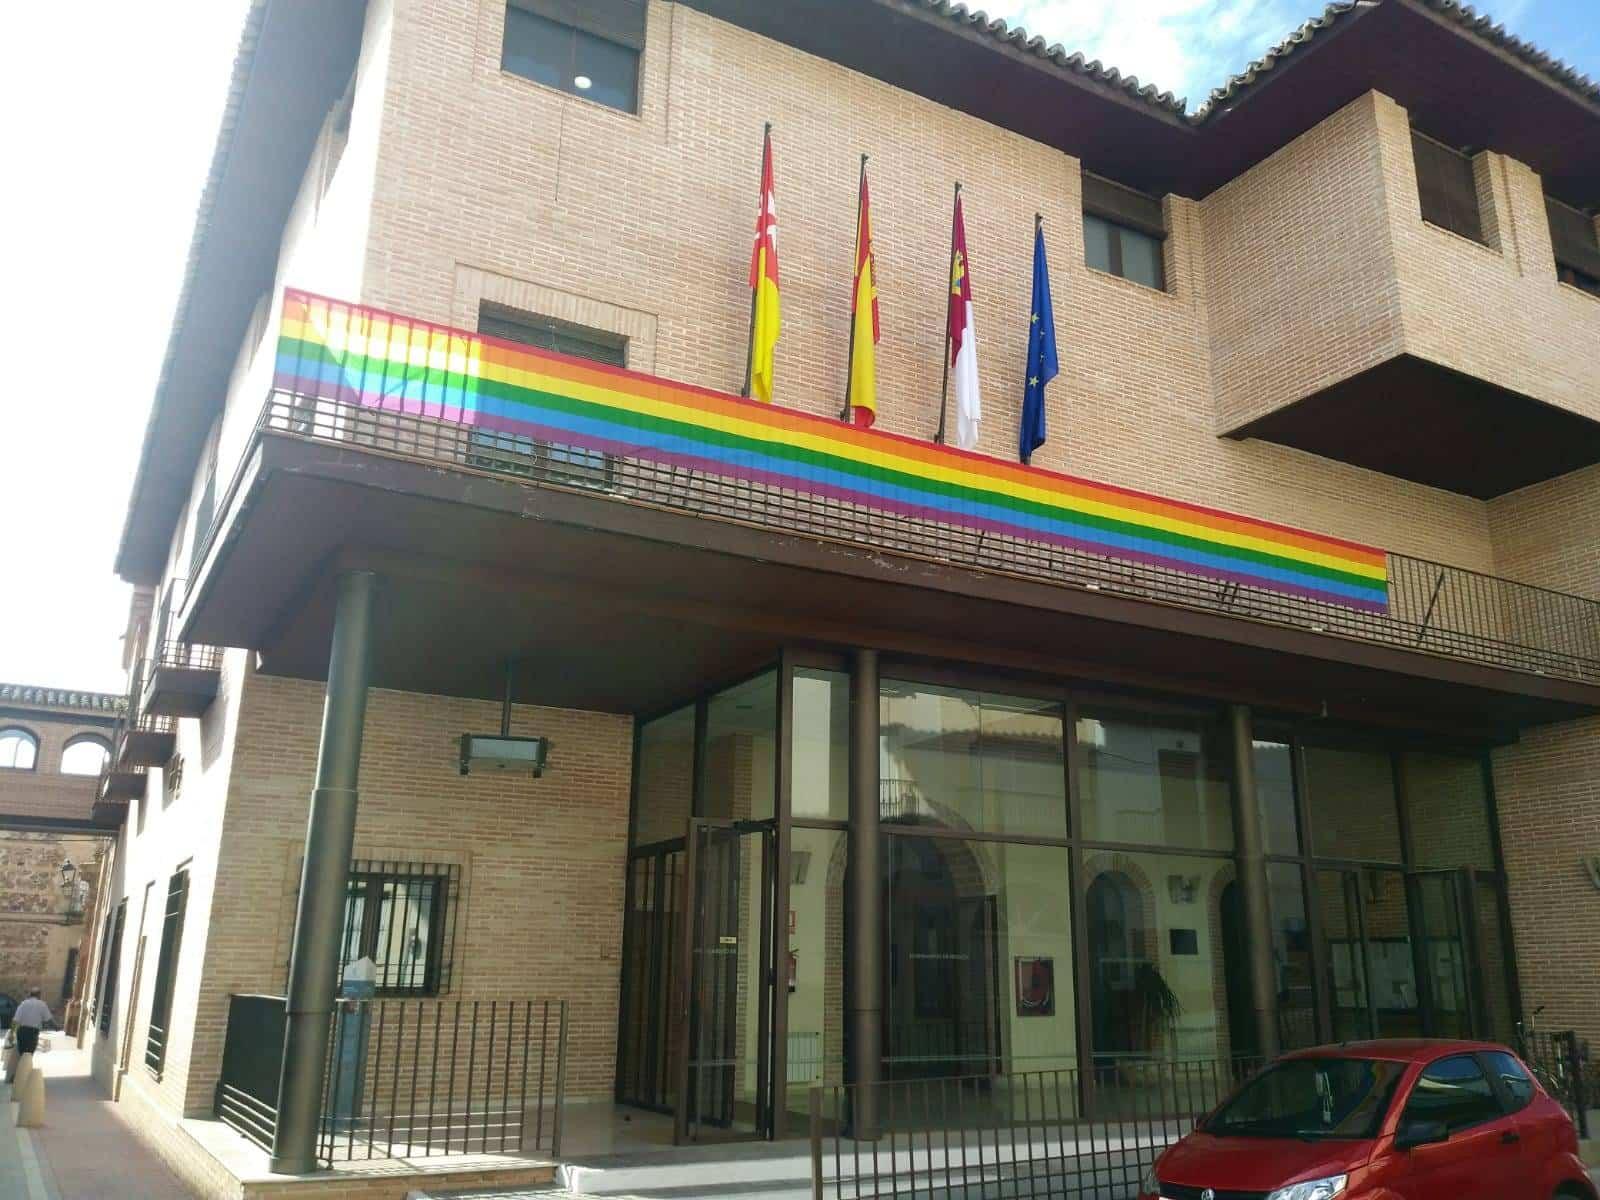 ayuntamiento de herencia con bandera orgullo gay - Herencia se suma por primera vez a la conmemoración del Día Internacional del Orgullo Gay